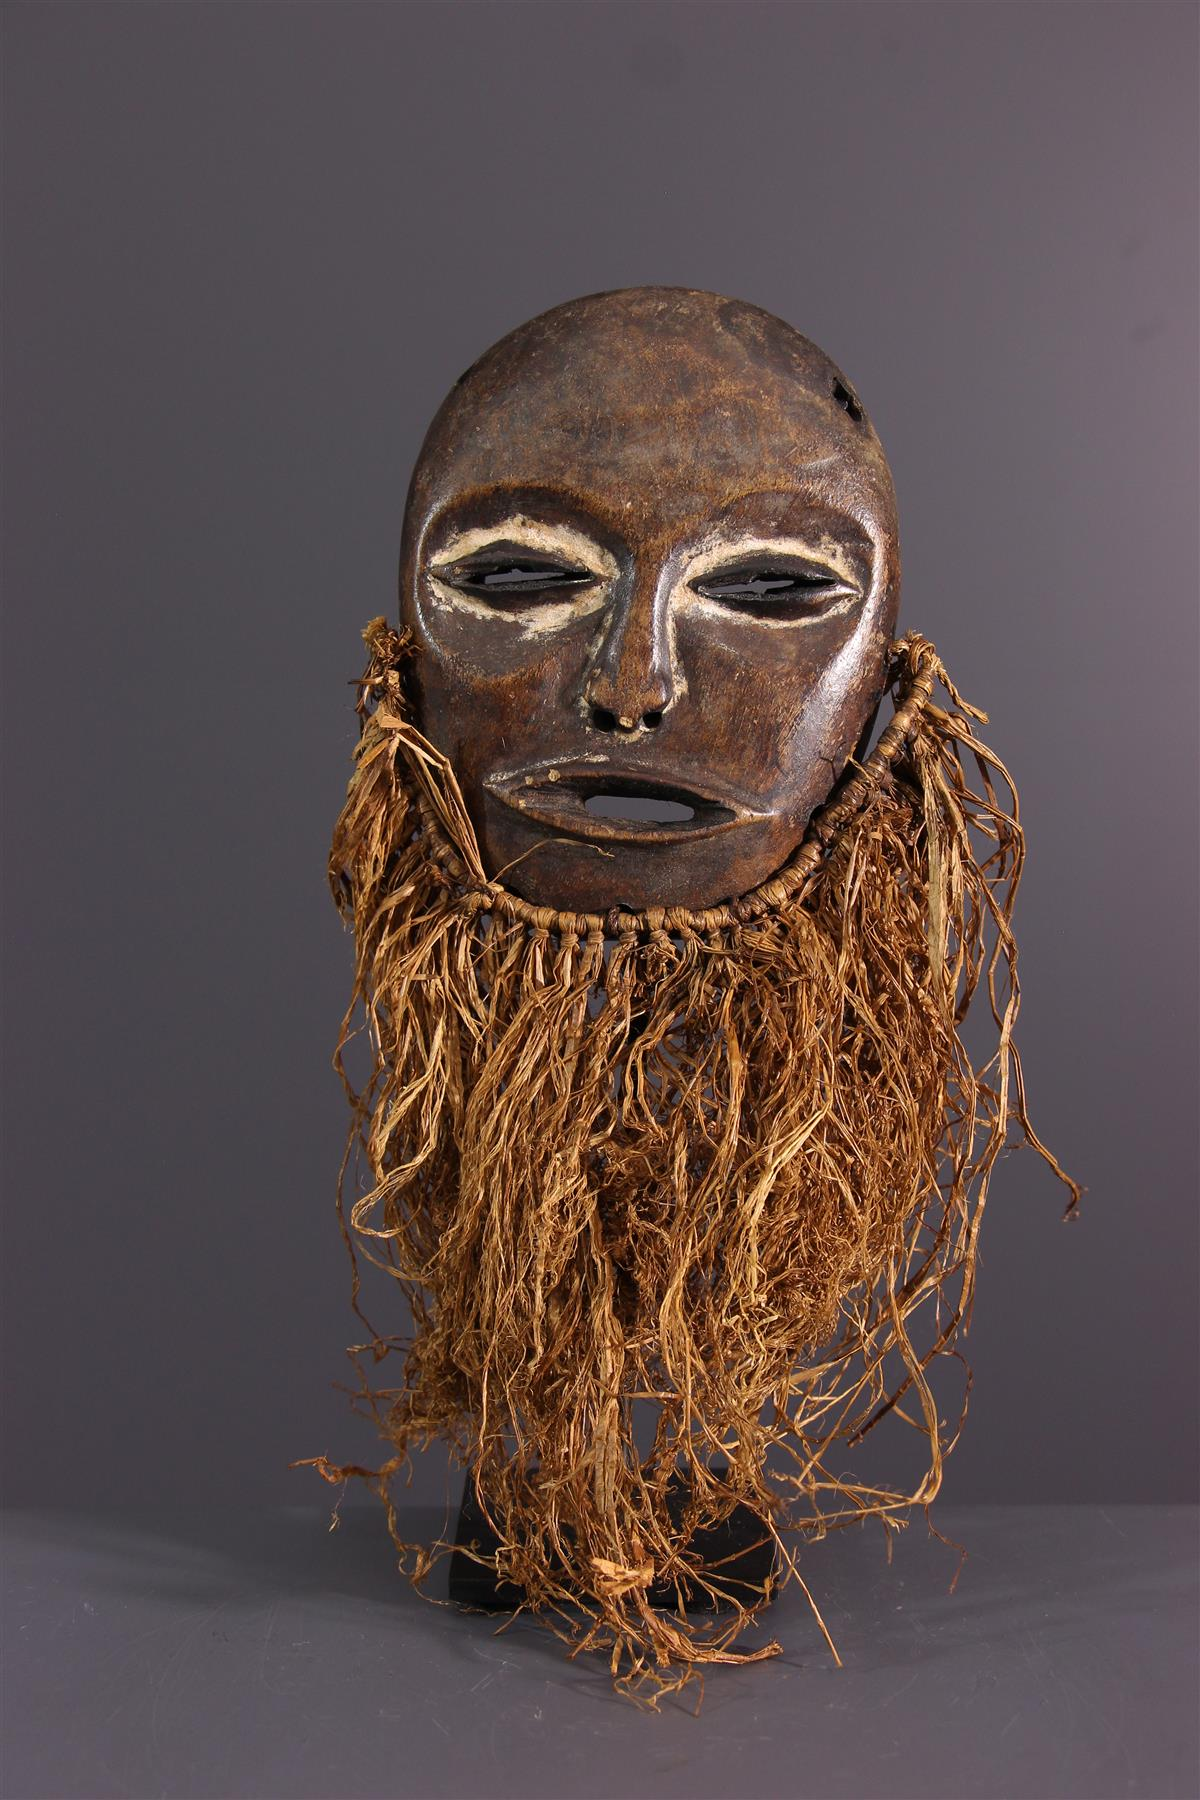 Lega masker - Afrikaanse kunst